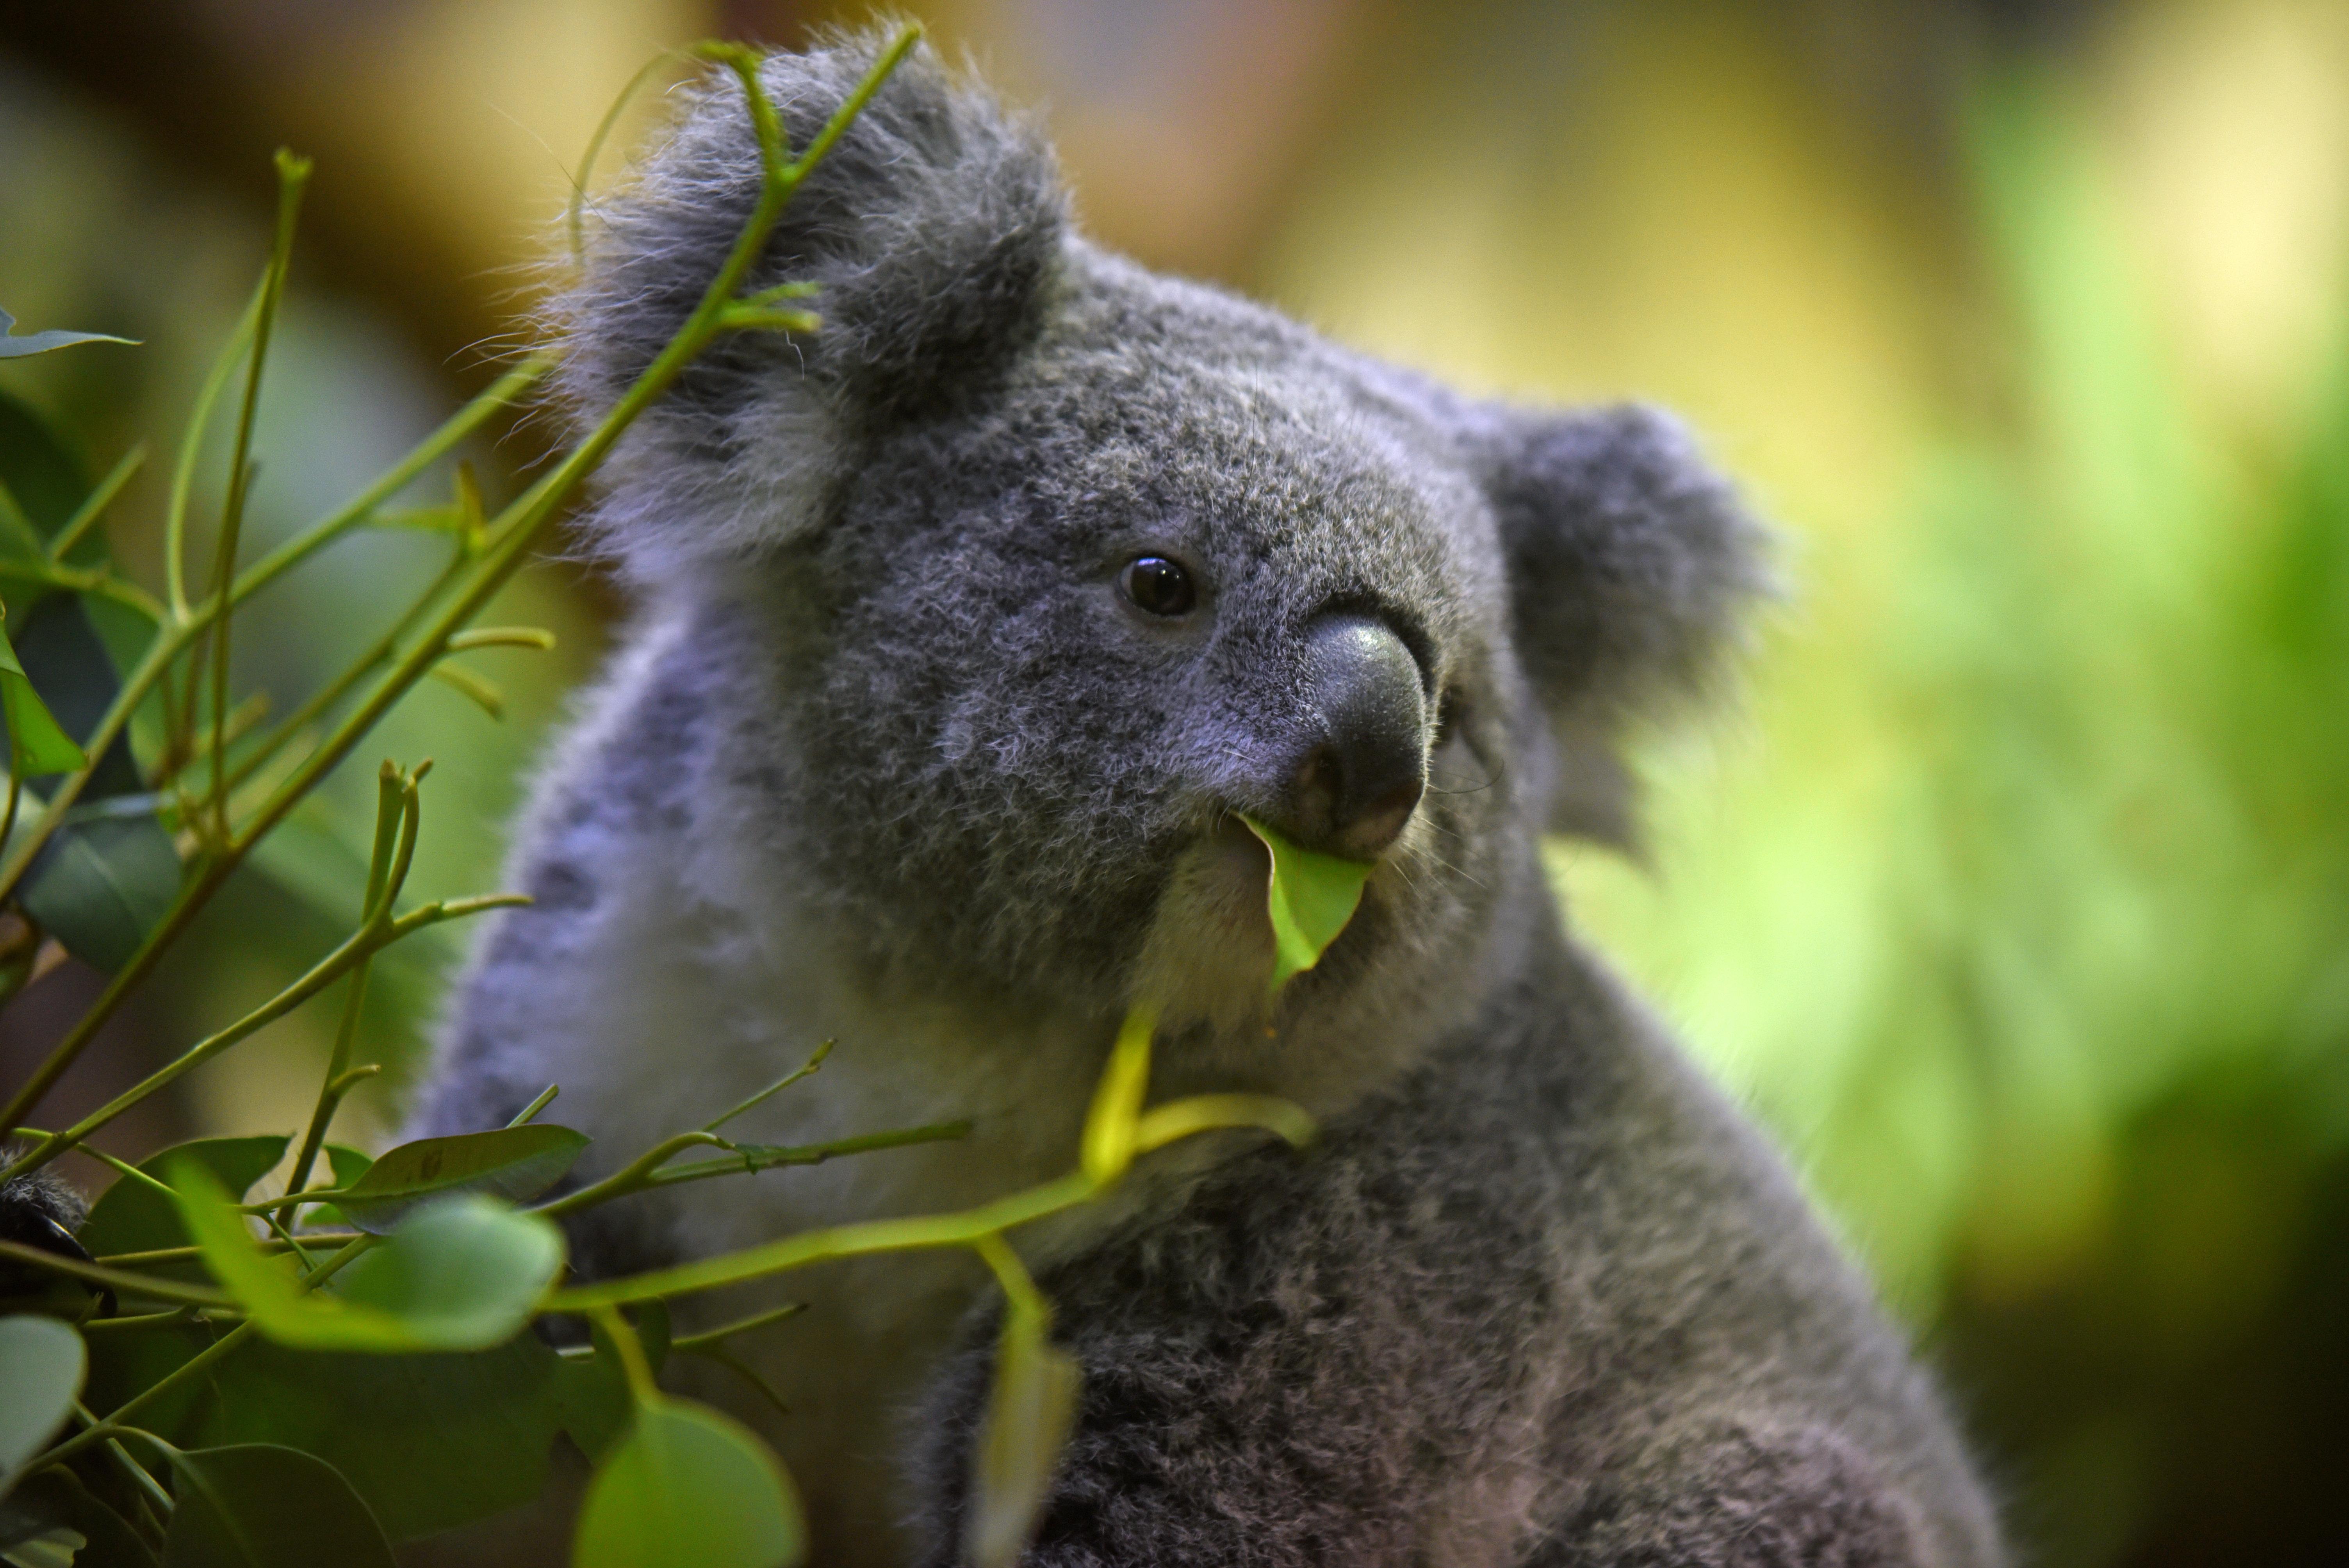 Koalákat hoztak Európába, hogy legyen utánpótlás, ha esetleg Ausztráliában valami bajuk történne